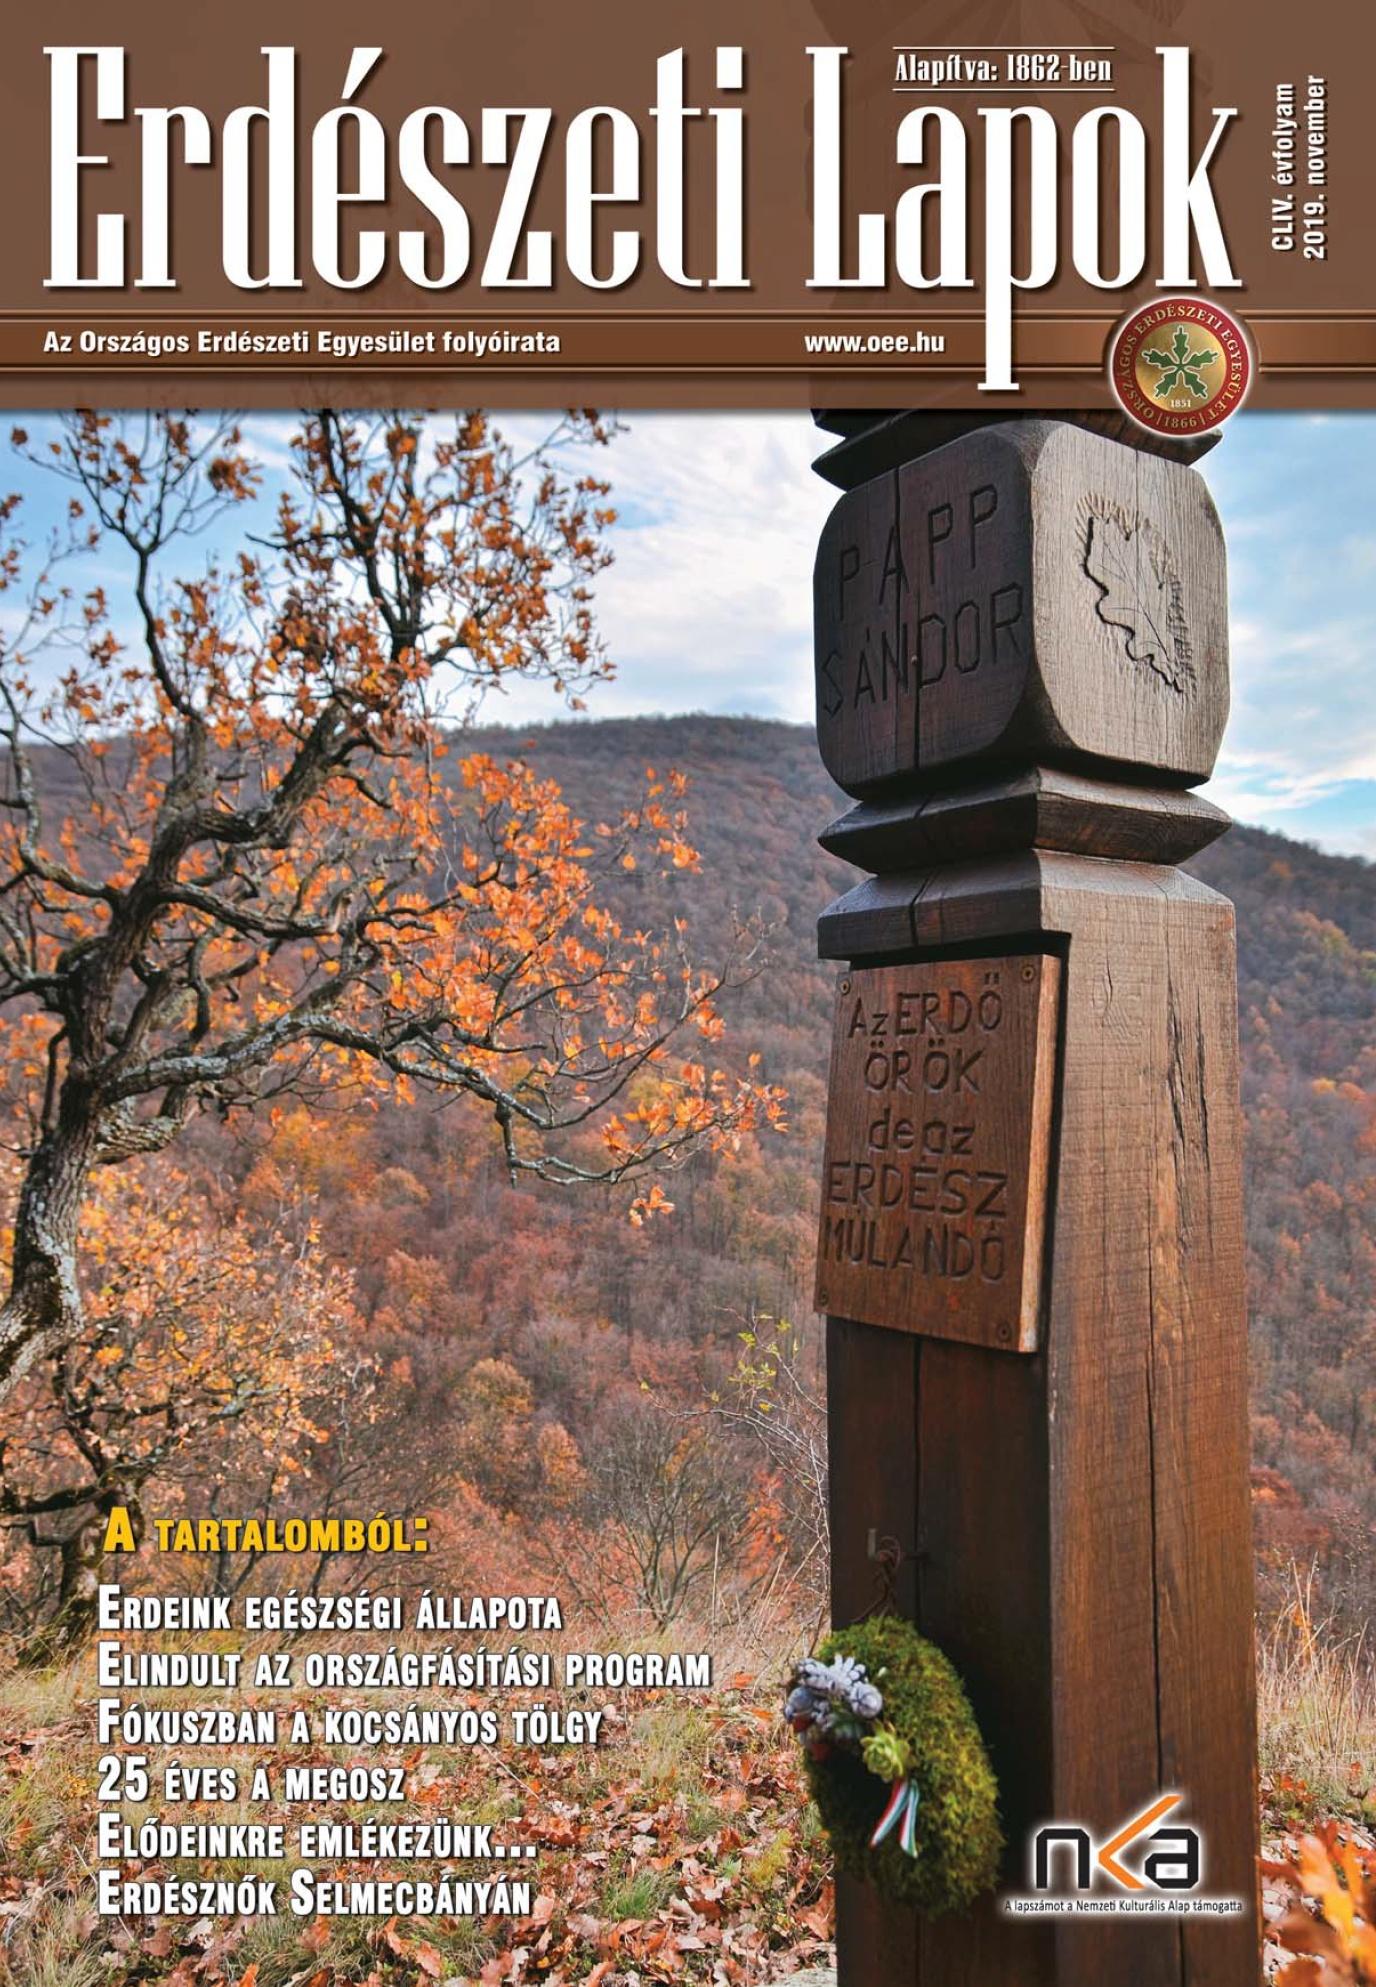 Erdészeti Lapok - 154. évfolyam - 2019. november